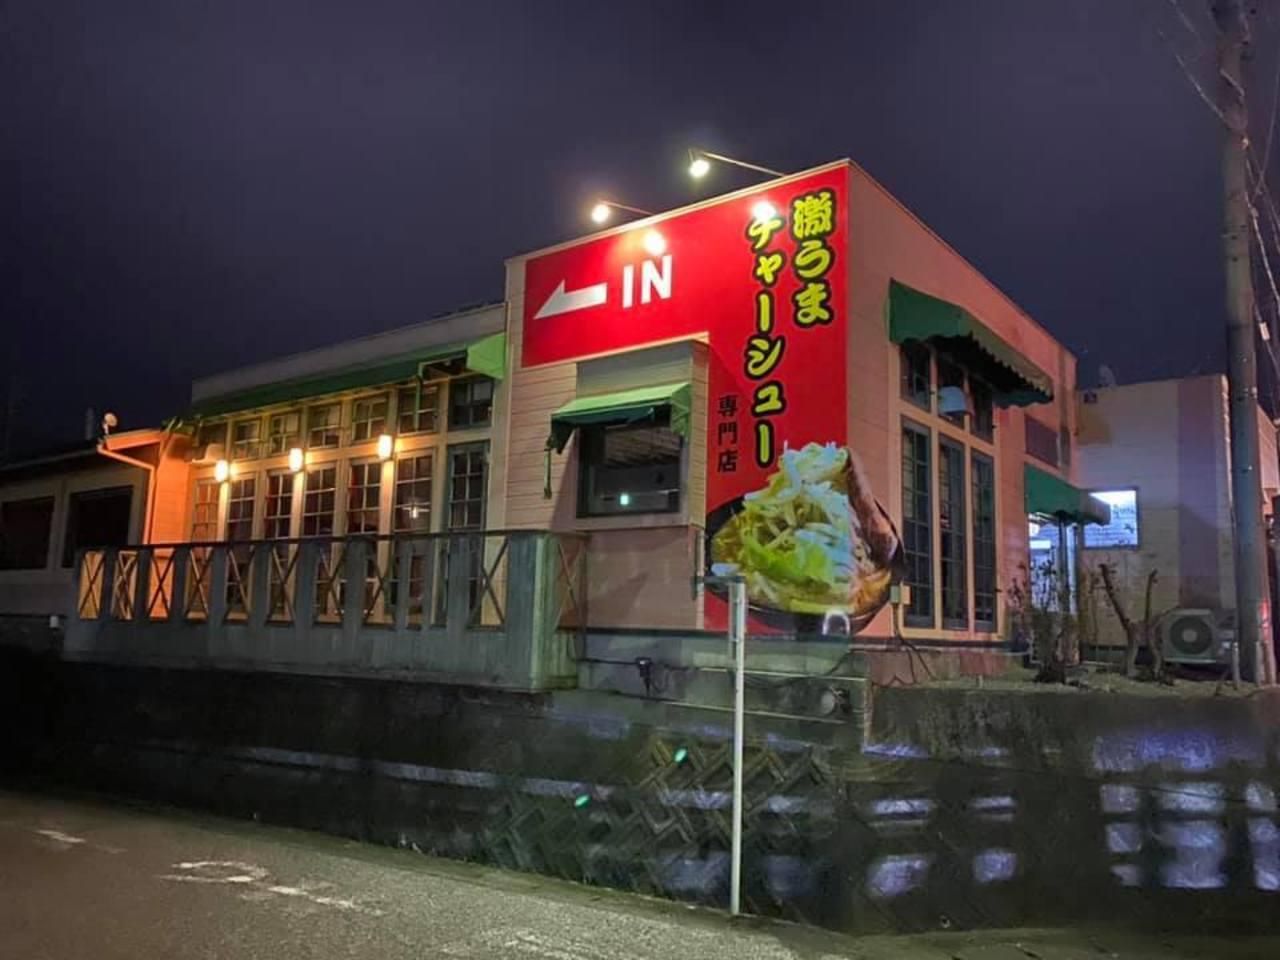 静岡県掛川市中央高町に「麺屋三丁目 掛川支店」が昨日オープンされたようです。